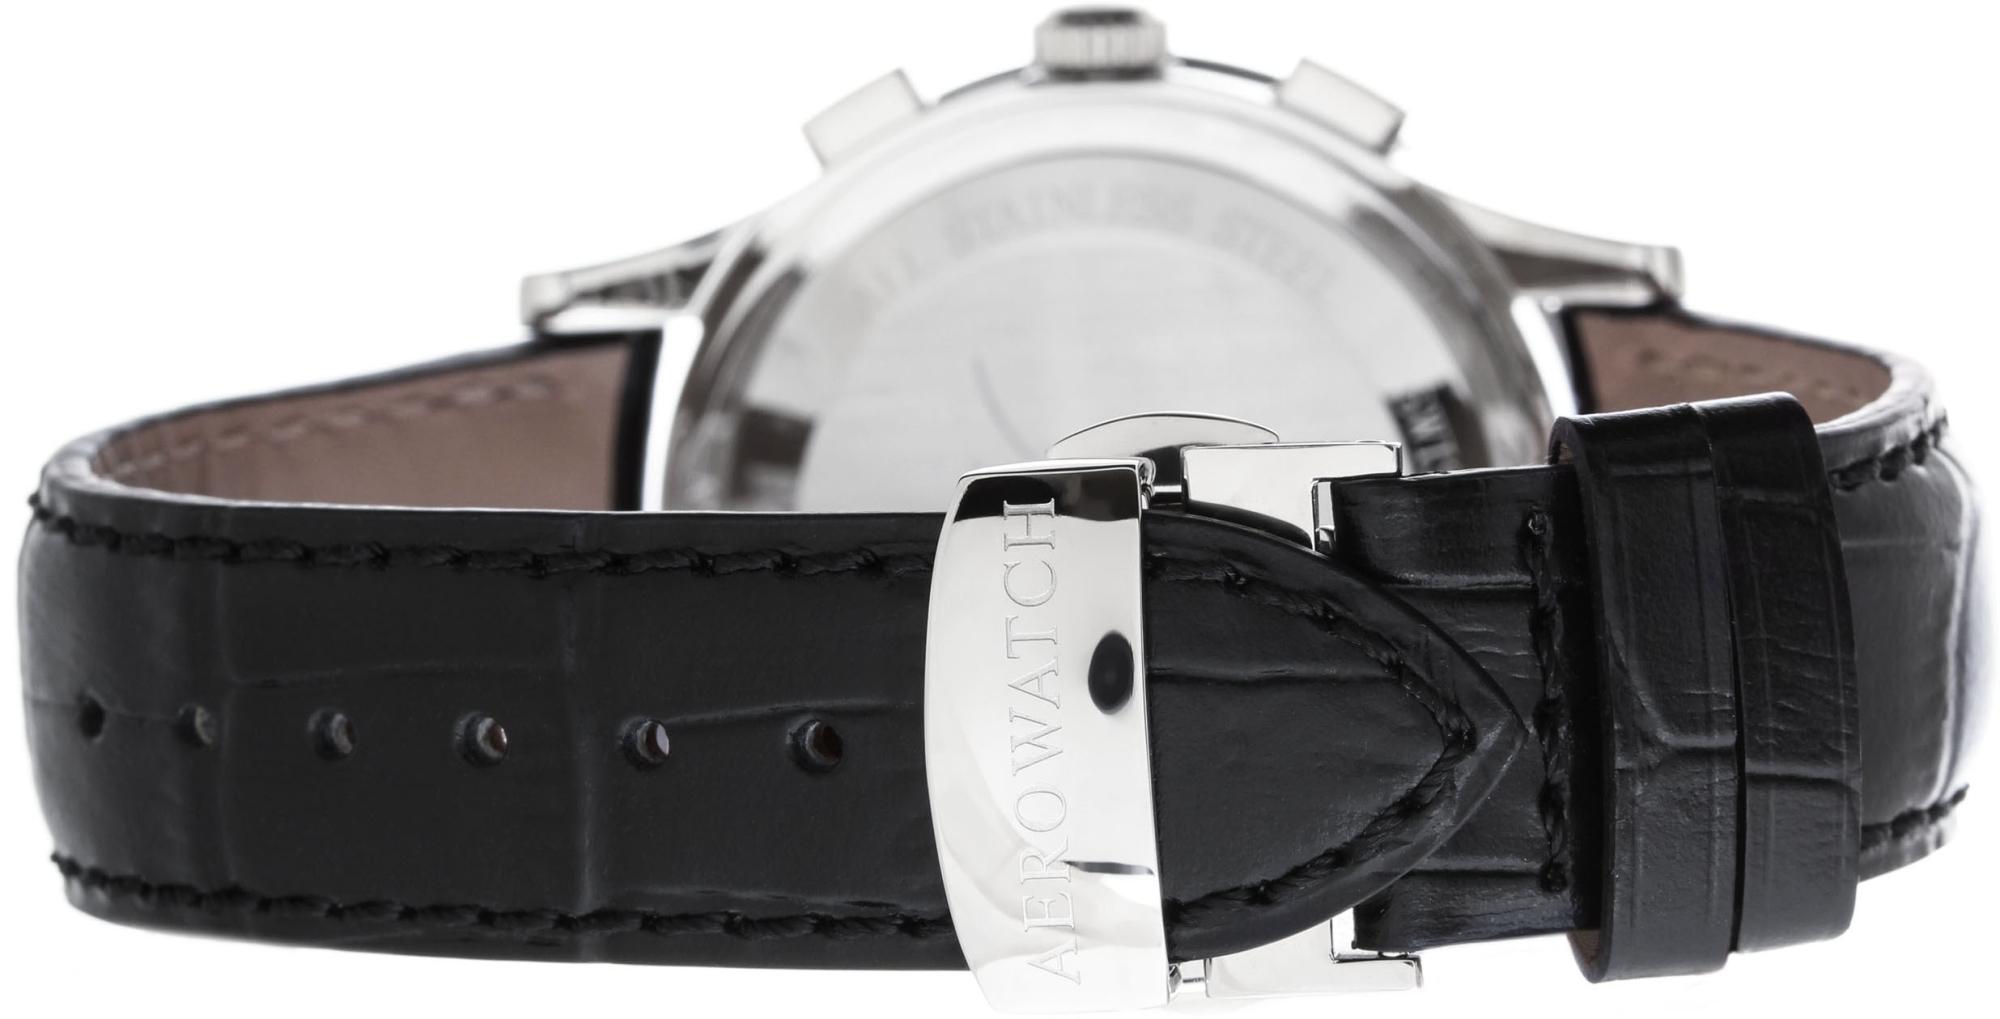 Aerowatch Les Grandes Classiques 80966 AA04Наручные часы<br>Швейцарские часы Aerowatch Les Grandes Classiques 80966 AA04<br><br>Пол: Мужские<br>Страна-производитель: Швейцария<br>Механизм: Кварцевый<br>Материал корпуса: Сталь<br>Материал ремня/браслета: Кожа<br>Водозащита, диапазон: None<br>Стекло: Сапфировое<br>Толщина корпуса: None<br>Стиль: None